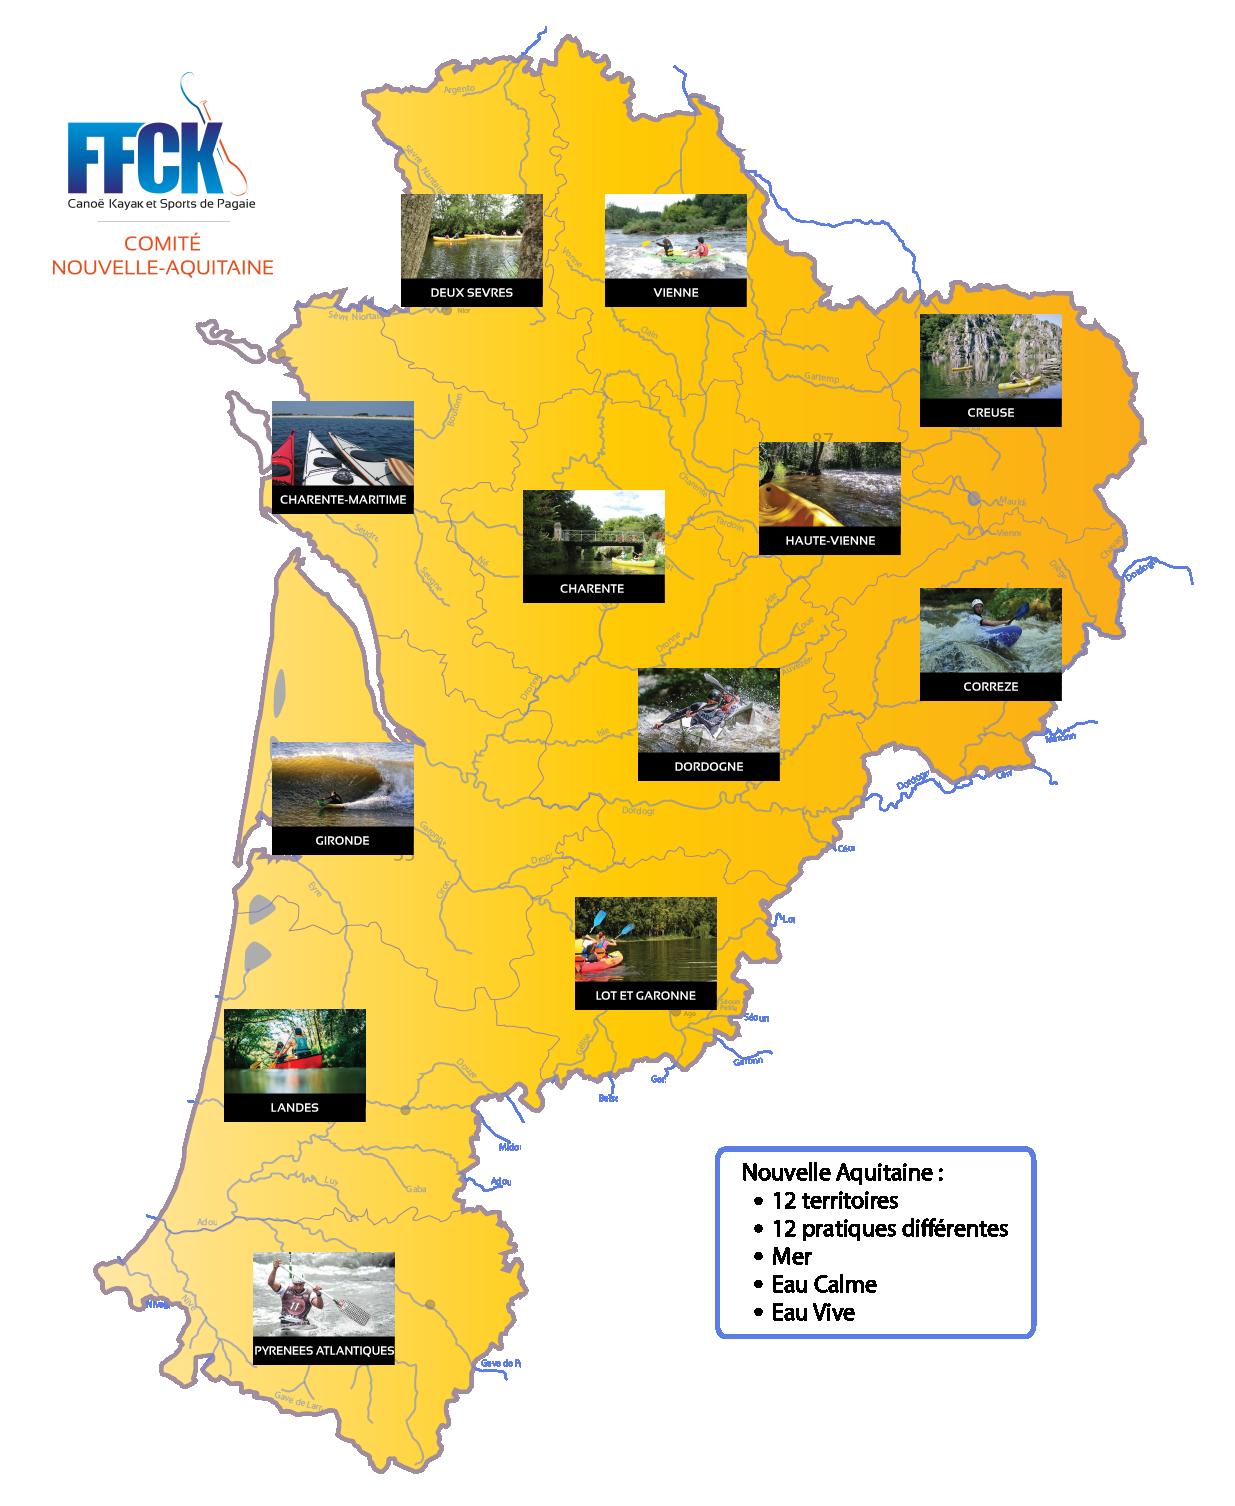 Carte Région Nouvelle-Aquitaine